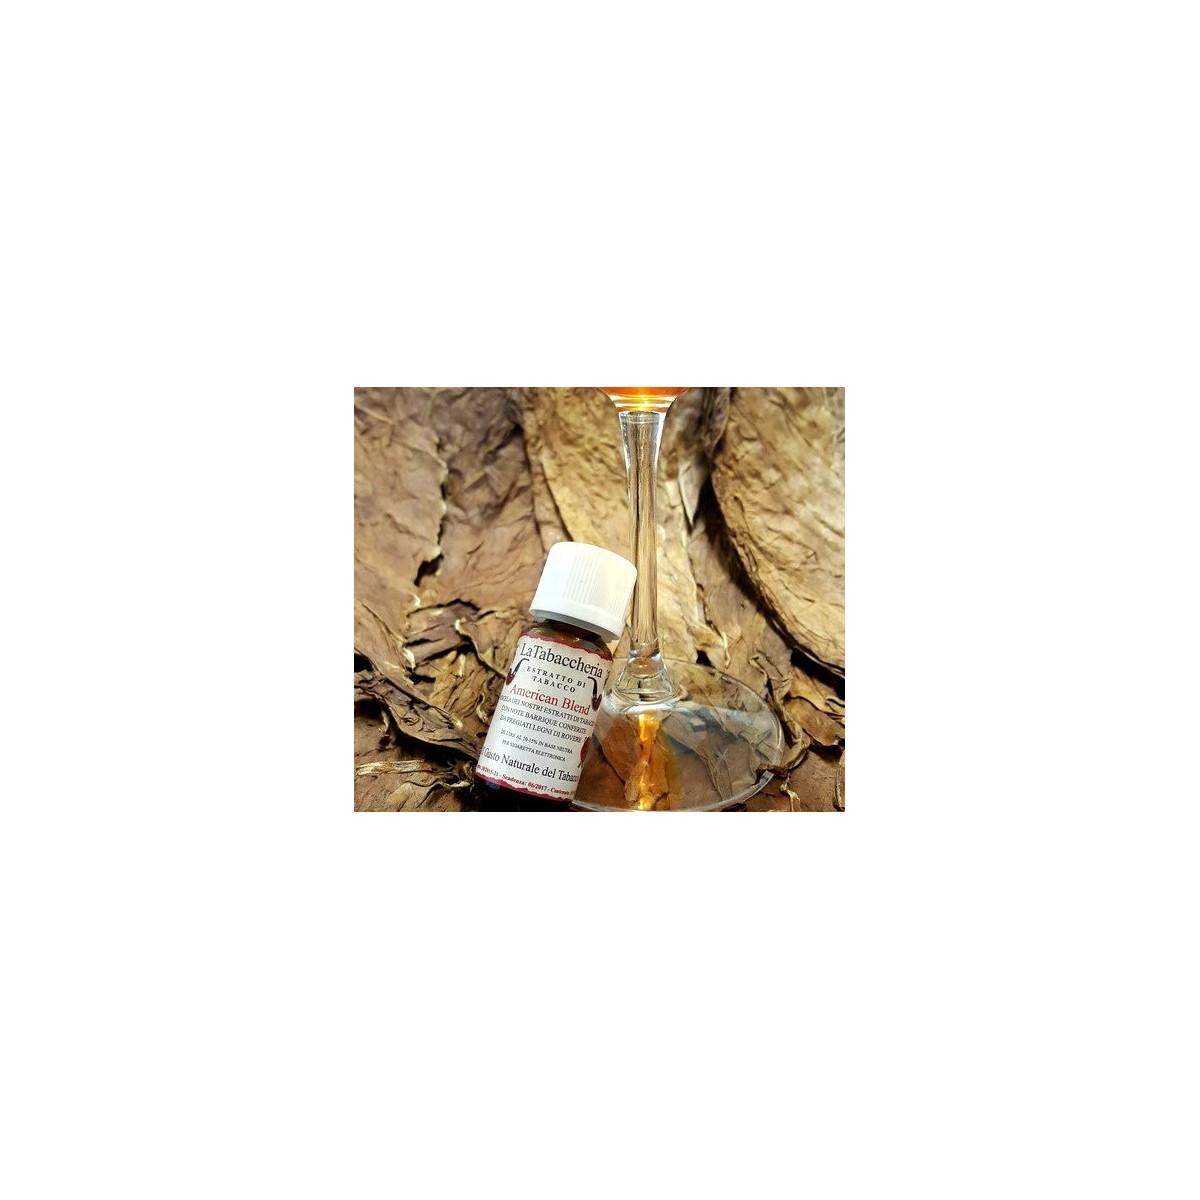 Estratto Barrique American Blend - La Tabaccheria